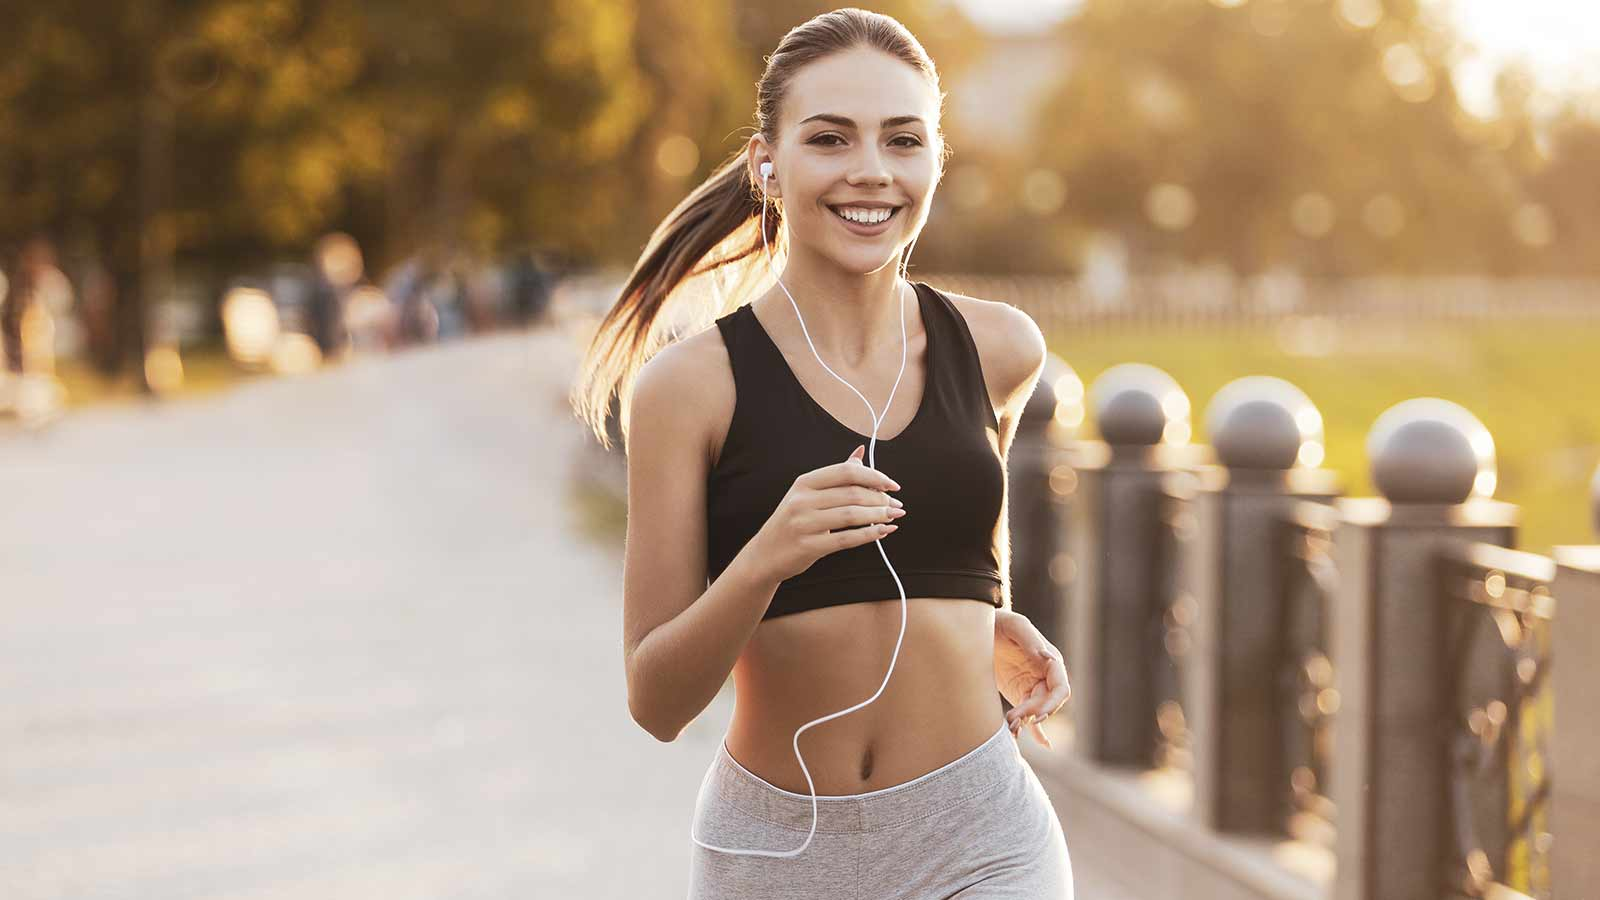 Bieganie raz w tygodniu zwiększa żywotność